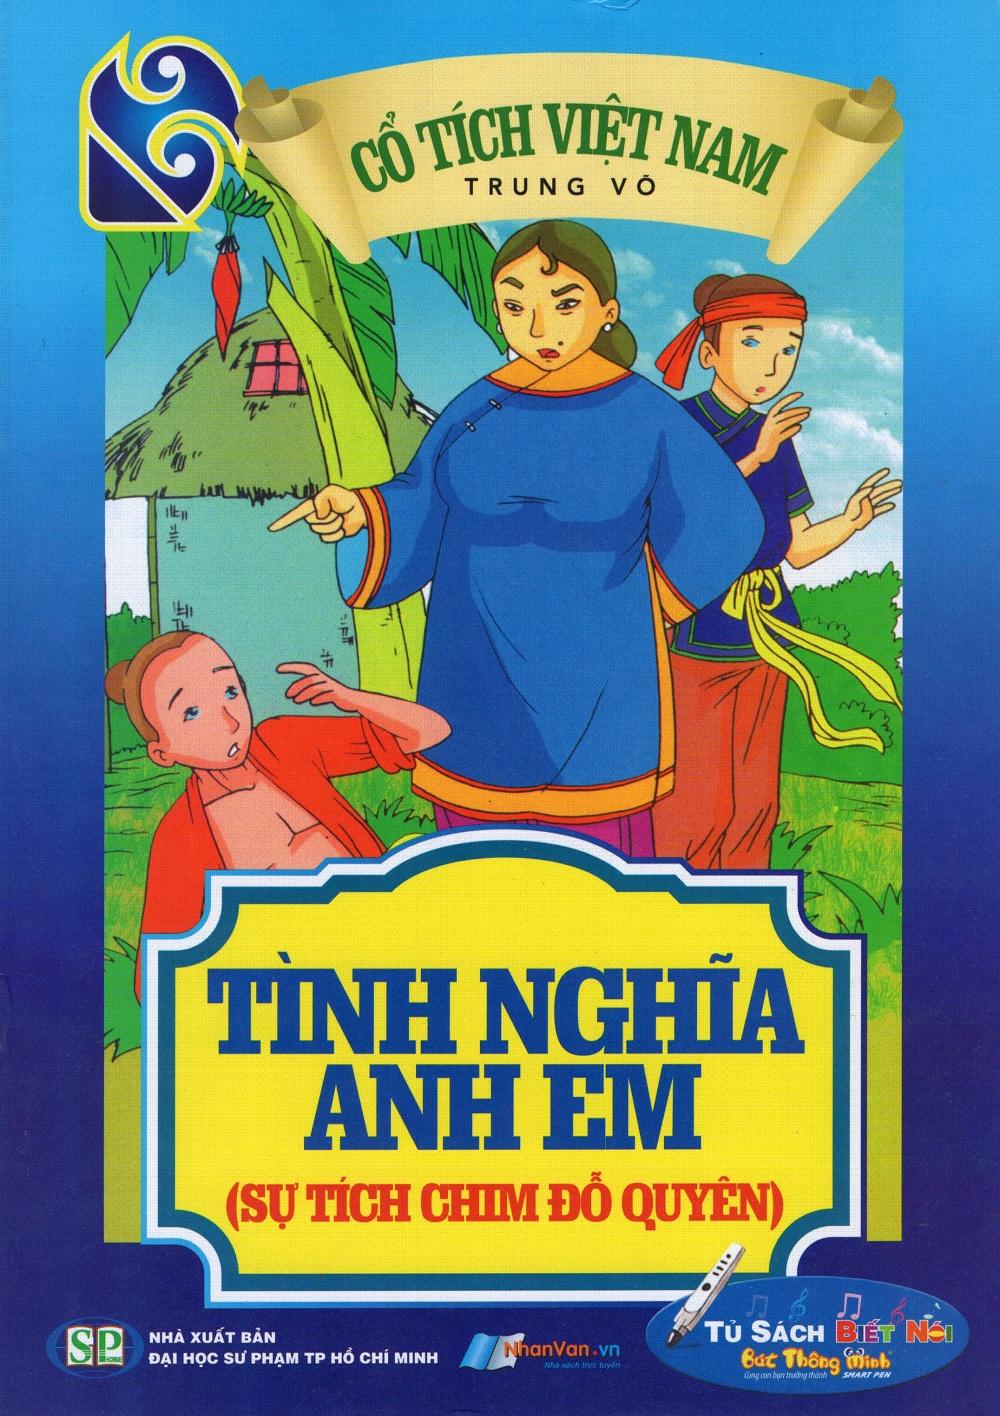 Bìa sách Cổ Tích Việt Nam - Tình Nghĩa Anh Em (Sự Tích Chim Đỗ Quyên)